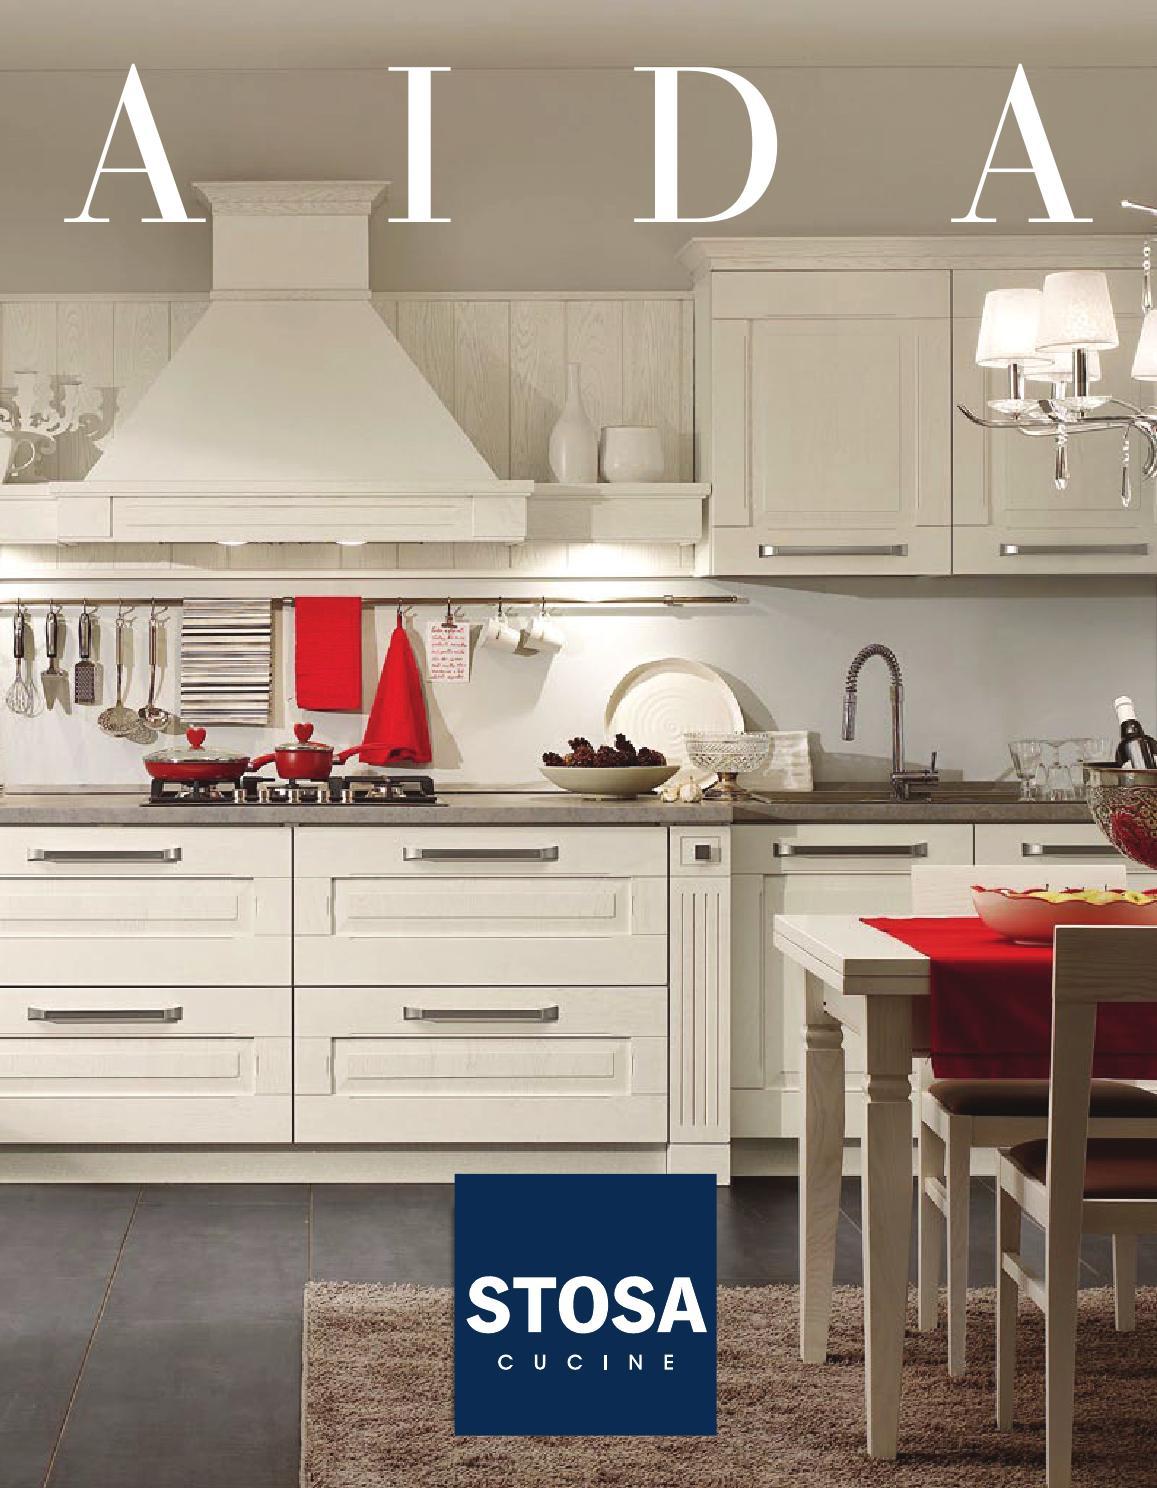 Catalogo cucine classiche stosa aida by stosa cucine issuu - Stosa cucine catalogo ...